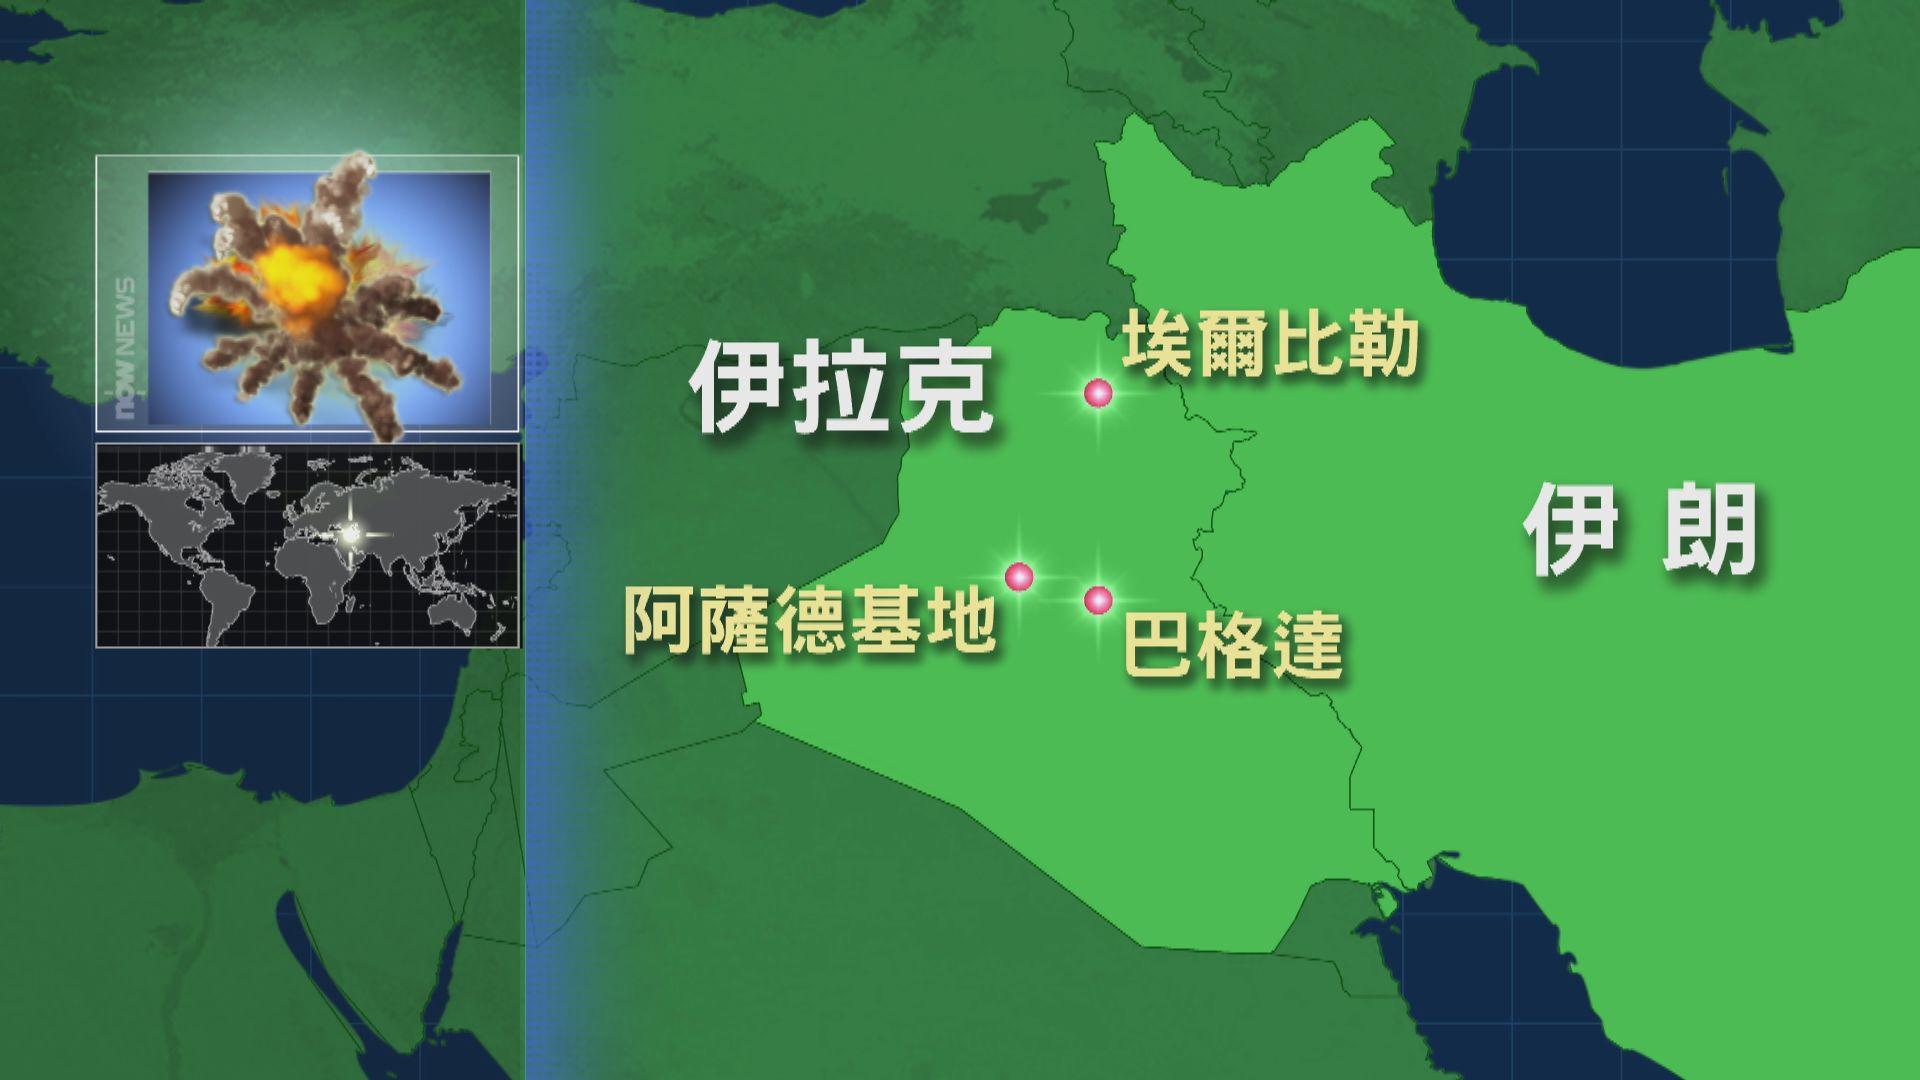 【即日焦點】李家超:絕對相信部分示威者曾接受外地訓練;伊朗報復將領被殺空襲美軍基地 分析指行動尚算溫和